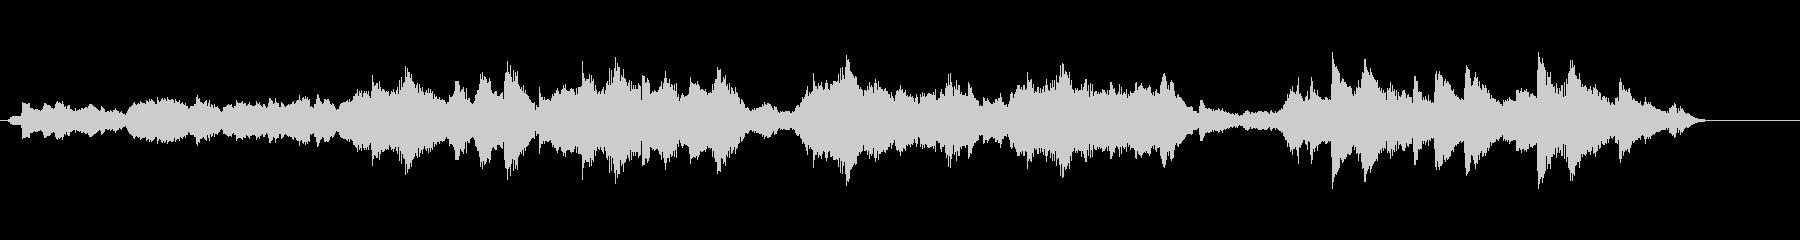 浮遊感のある幻想的なBGMの未再生の波形